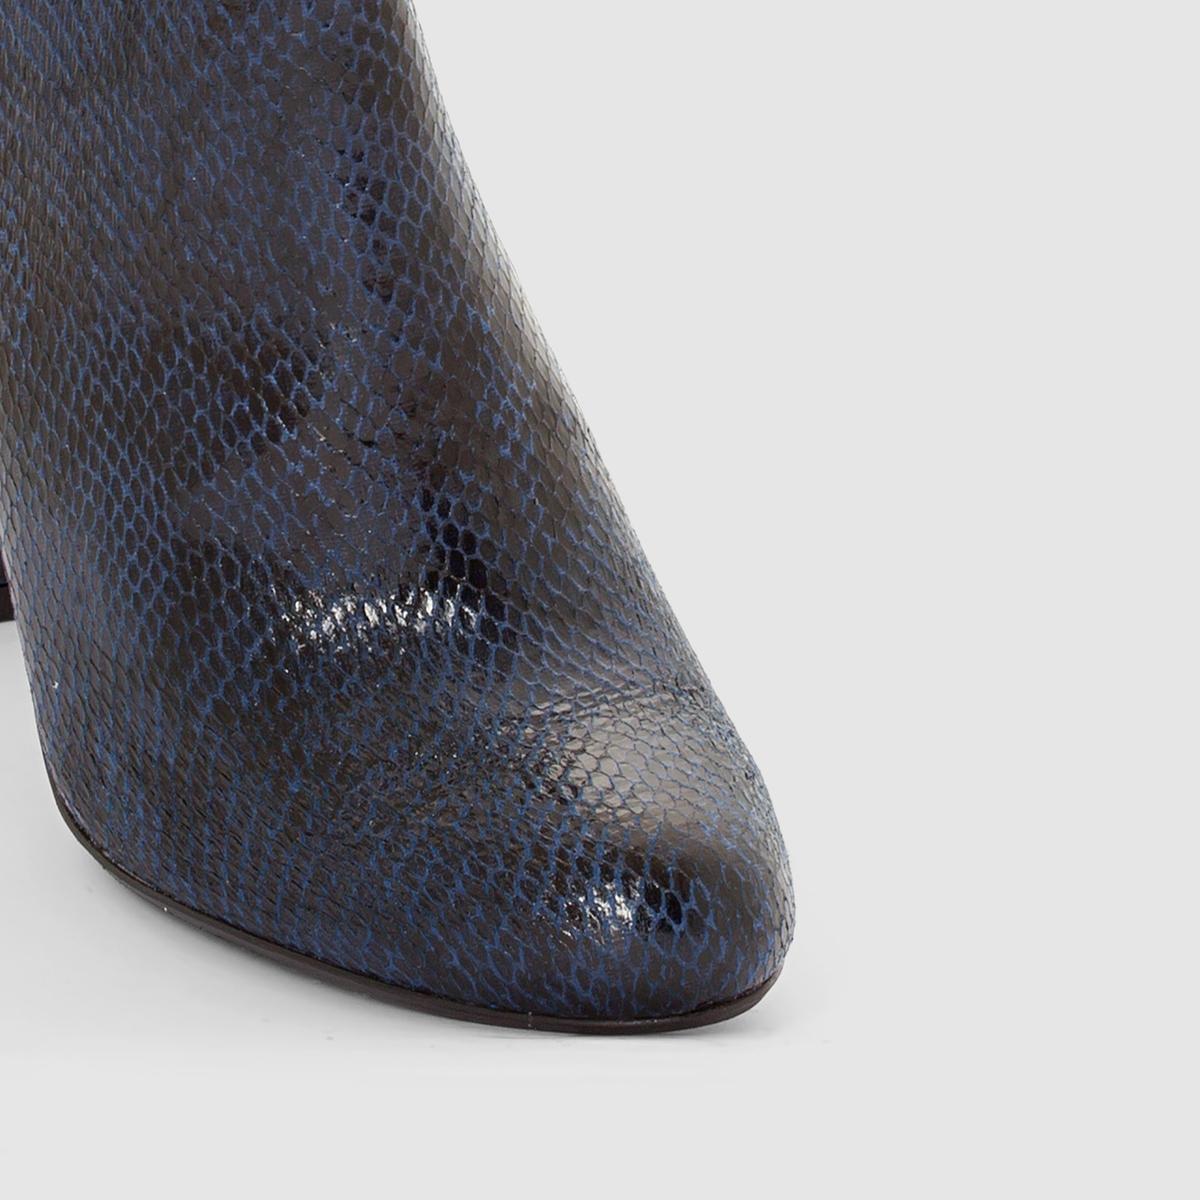 Ботильоны с эффектом кожа питона, на каблукахМарка : Mademoiselle R. ВерхВерх : синтетика.Подкладка : текстильСтелька : кожа.Подошва : из эластомера.Высота каблука : 9 см.Форма каблука: широкая Носок : круглый Застежка : на молнии сбоку<br><br>Цвет: серо-коричневый,темно-синий<br>Размер: 39.37.36